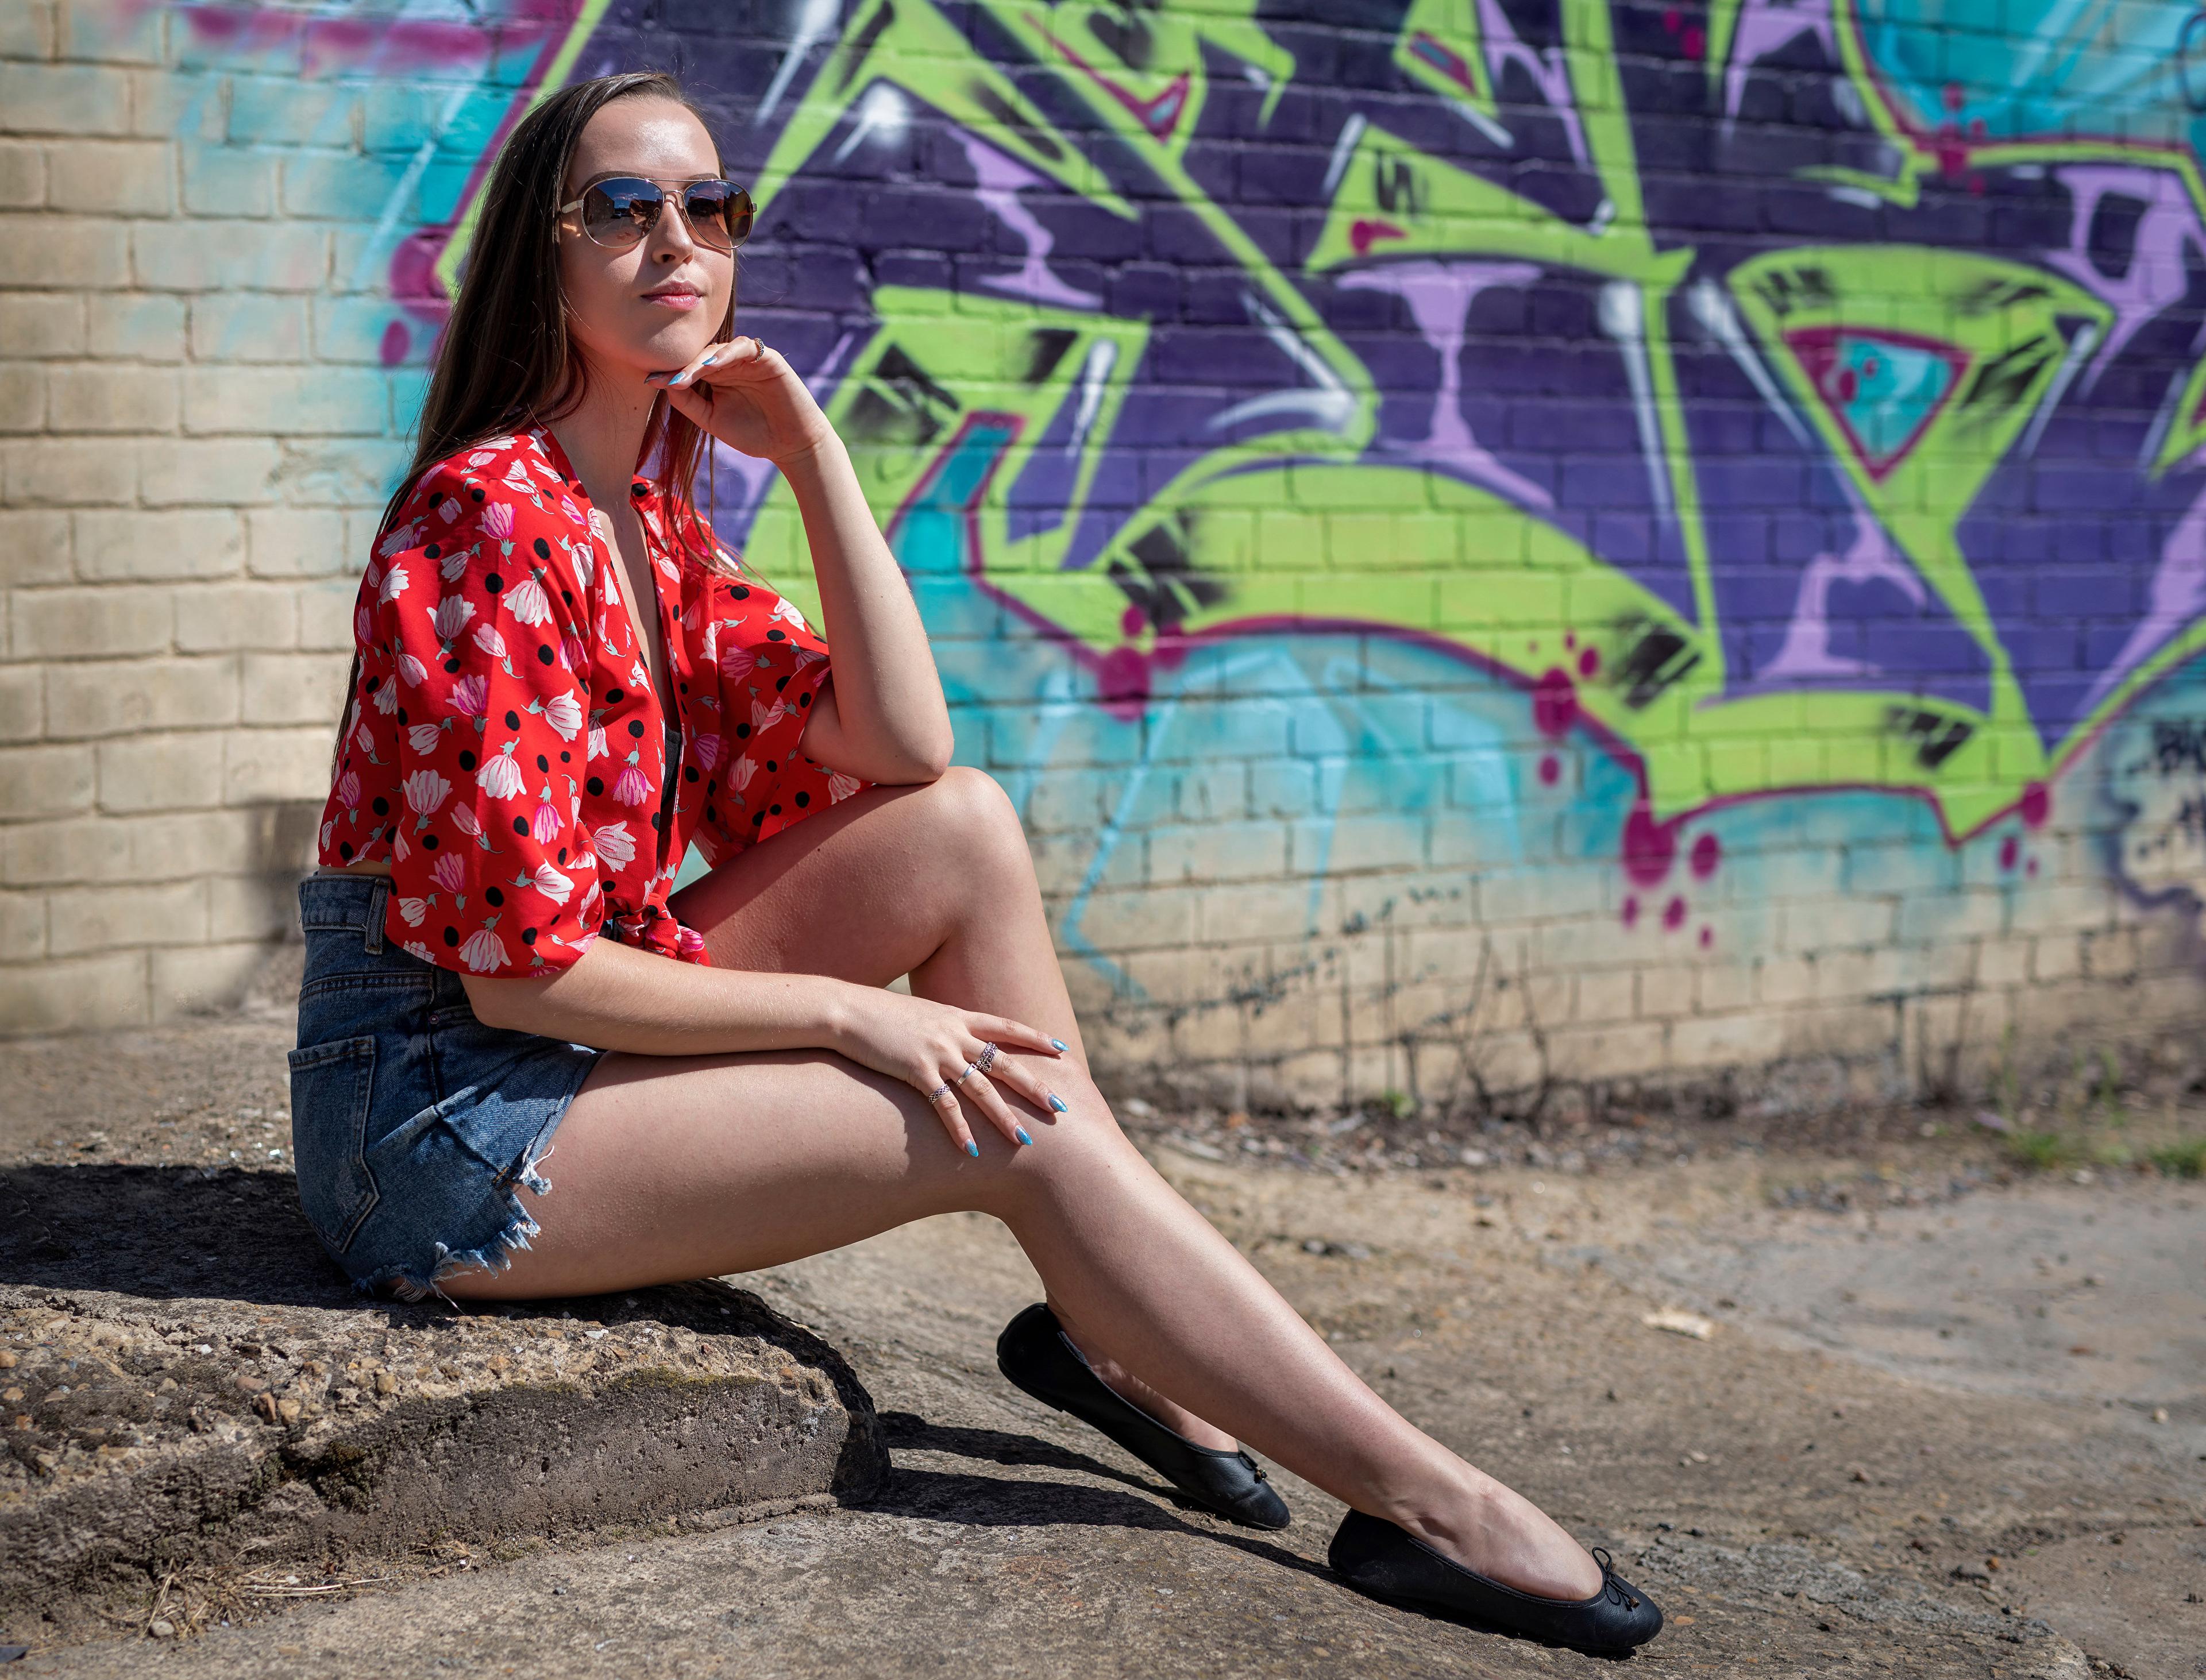 Фотография фотомодель Jade Блузка девушка ног сидя шорт очках смотрит Модель Девушки молодая женщина молодые женщины Ноги Очки Сидит Шорты очков шортах сидящие Взгляд смотрят